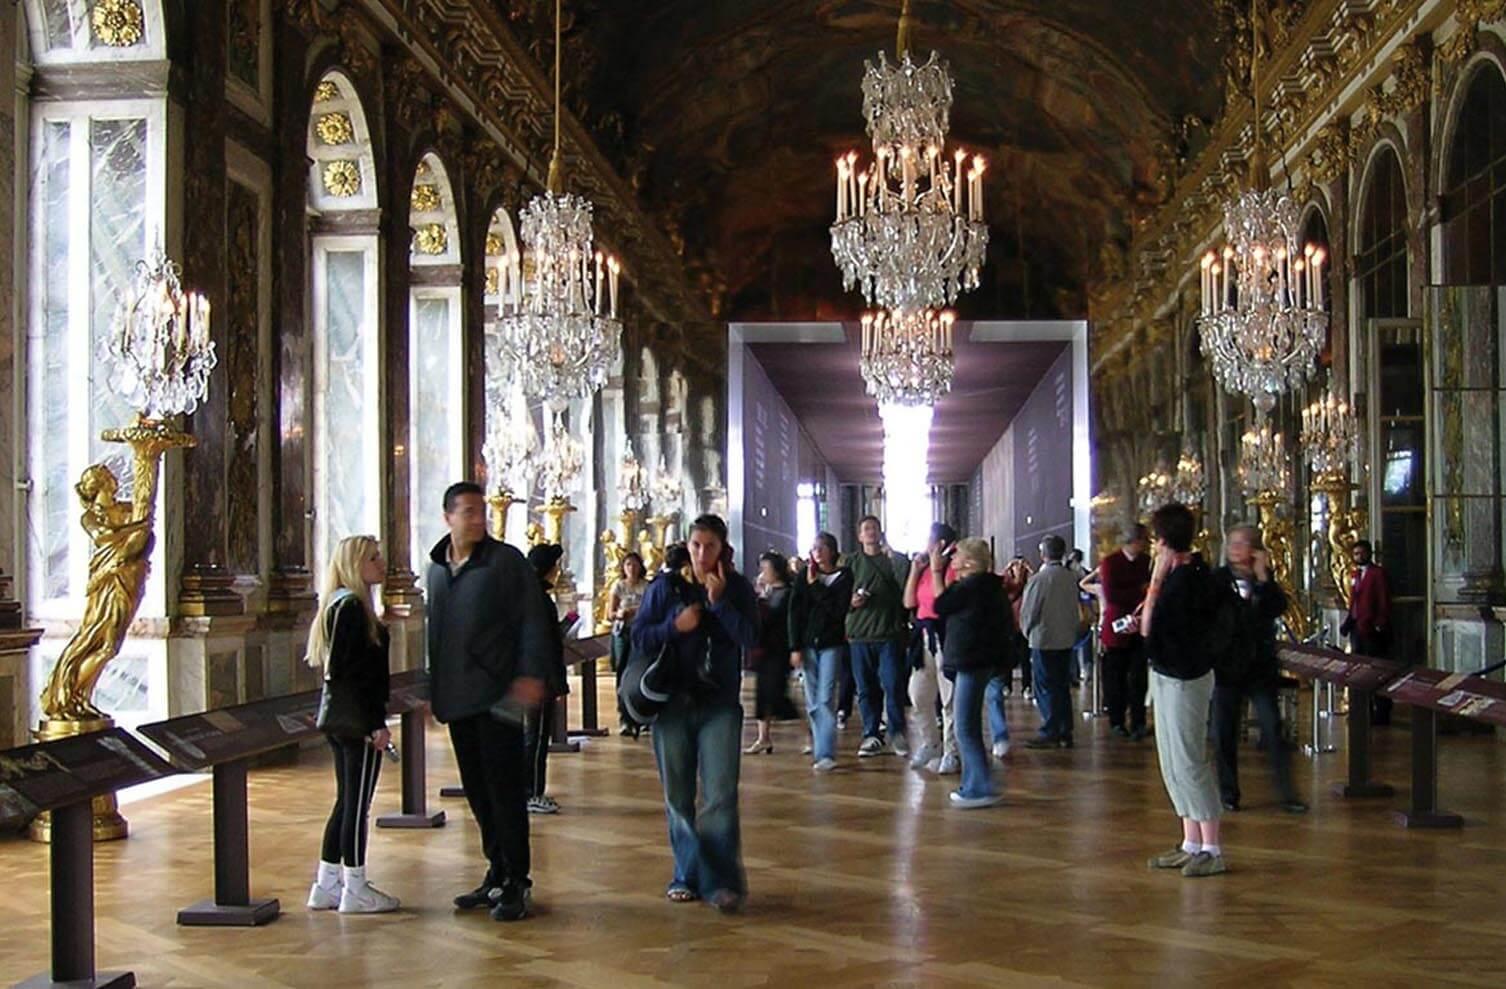 Image Galerie des Glaces 2